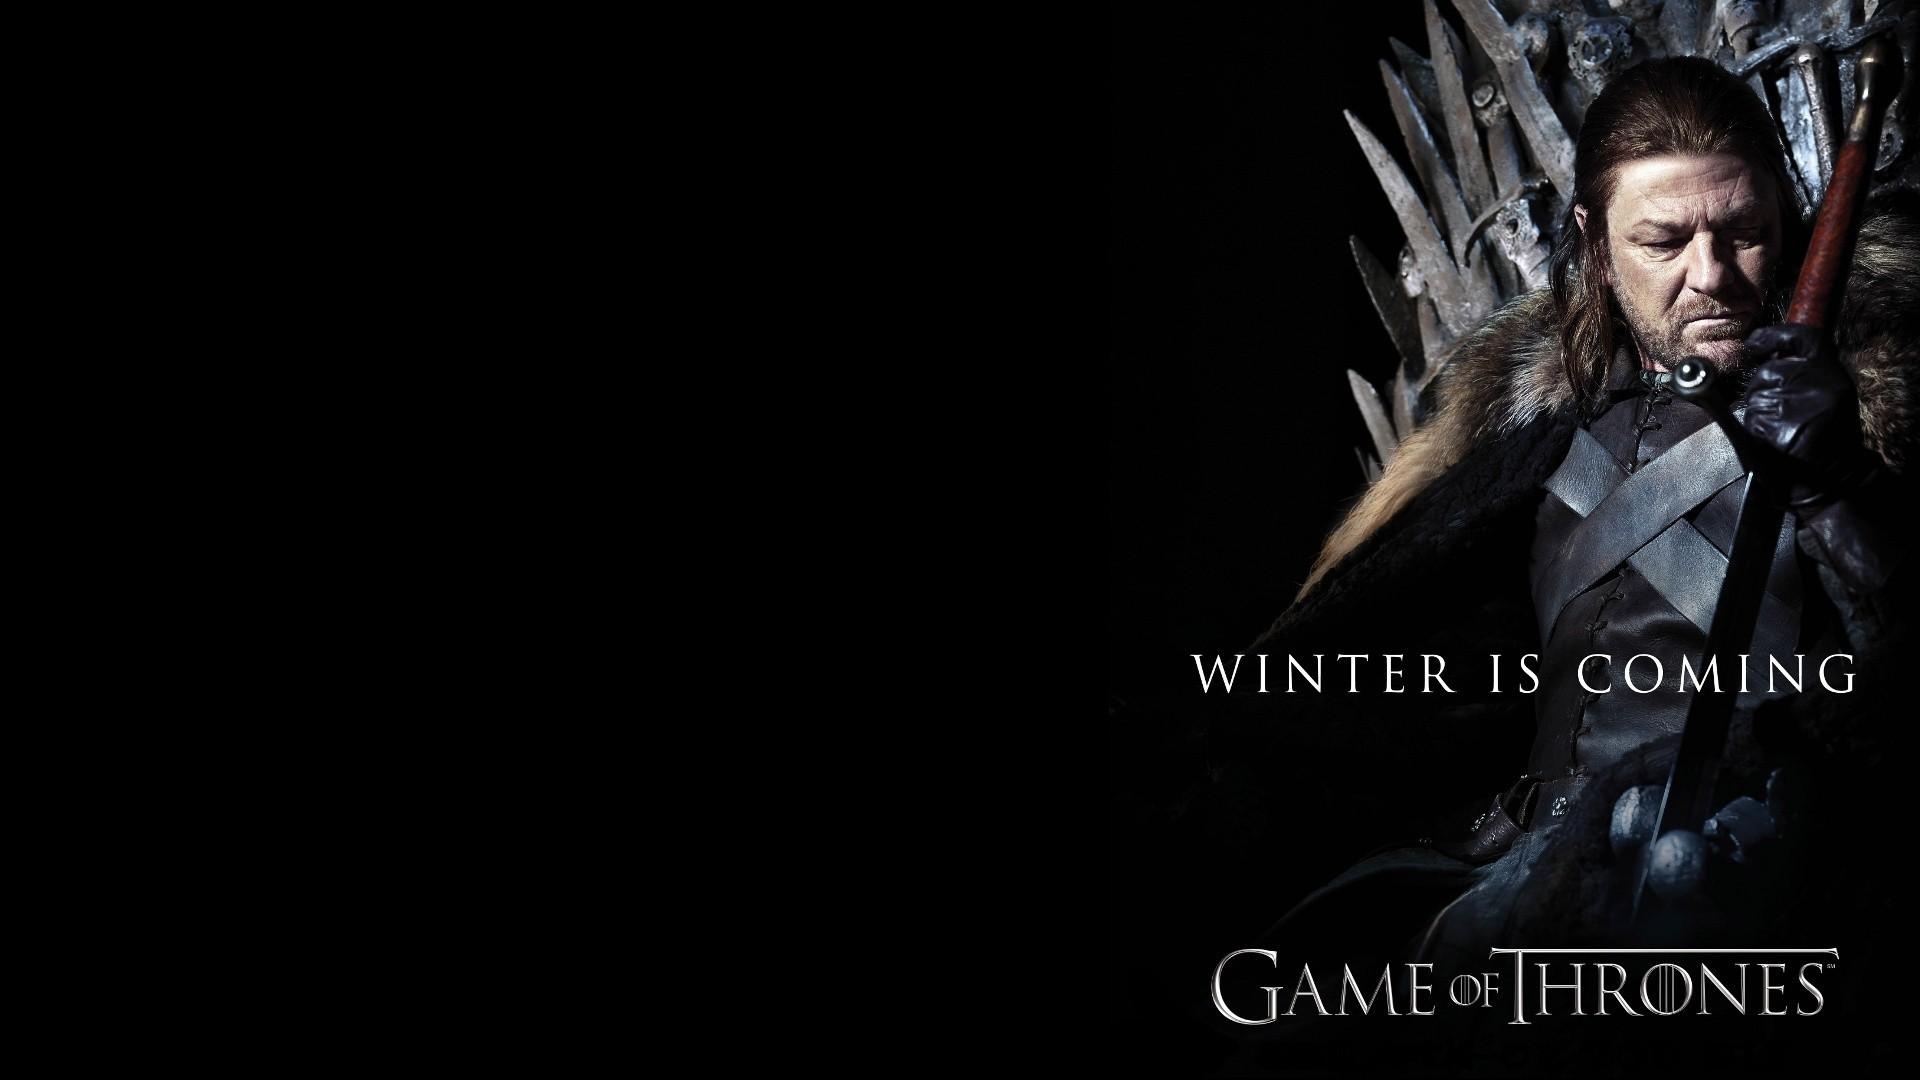 Fondos De Pantalla Game Of Thrones Viene El Invierno Ned